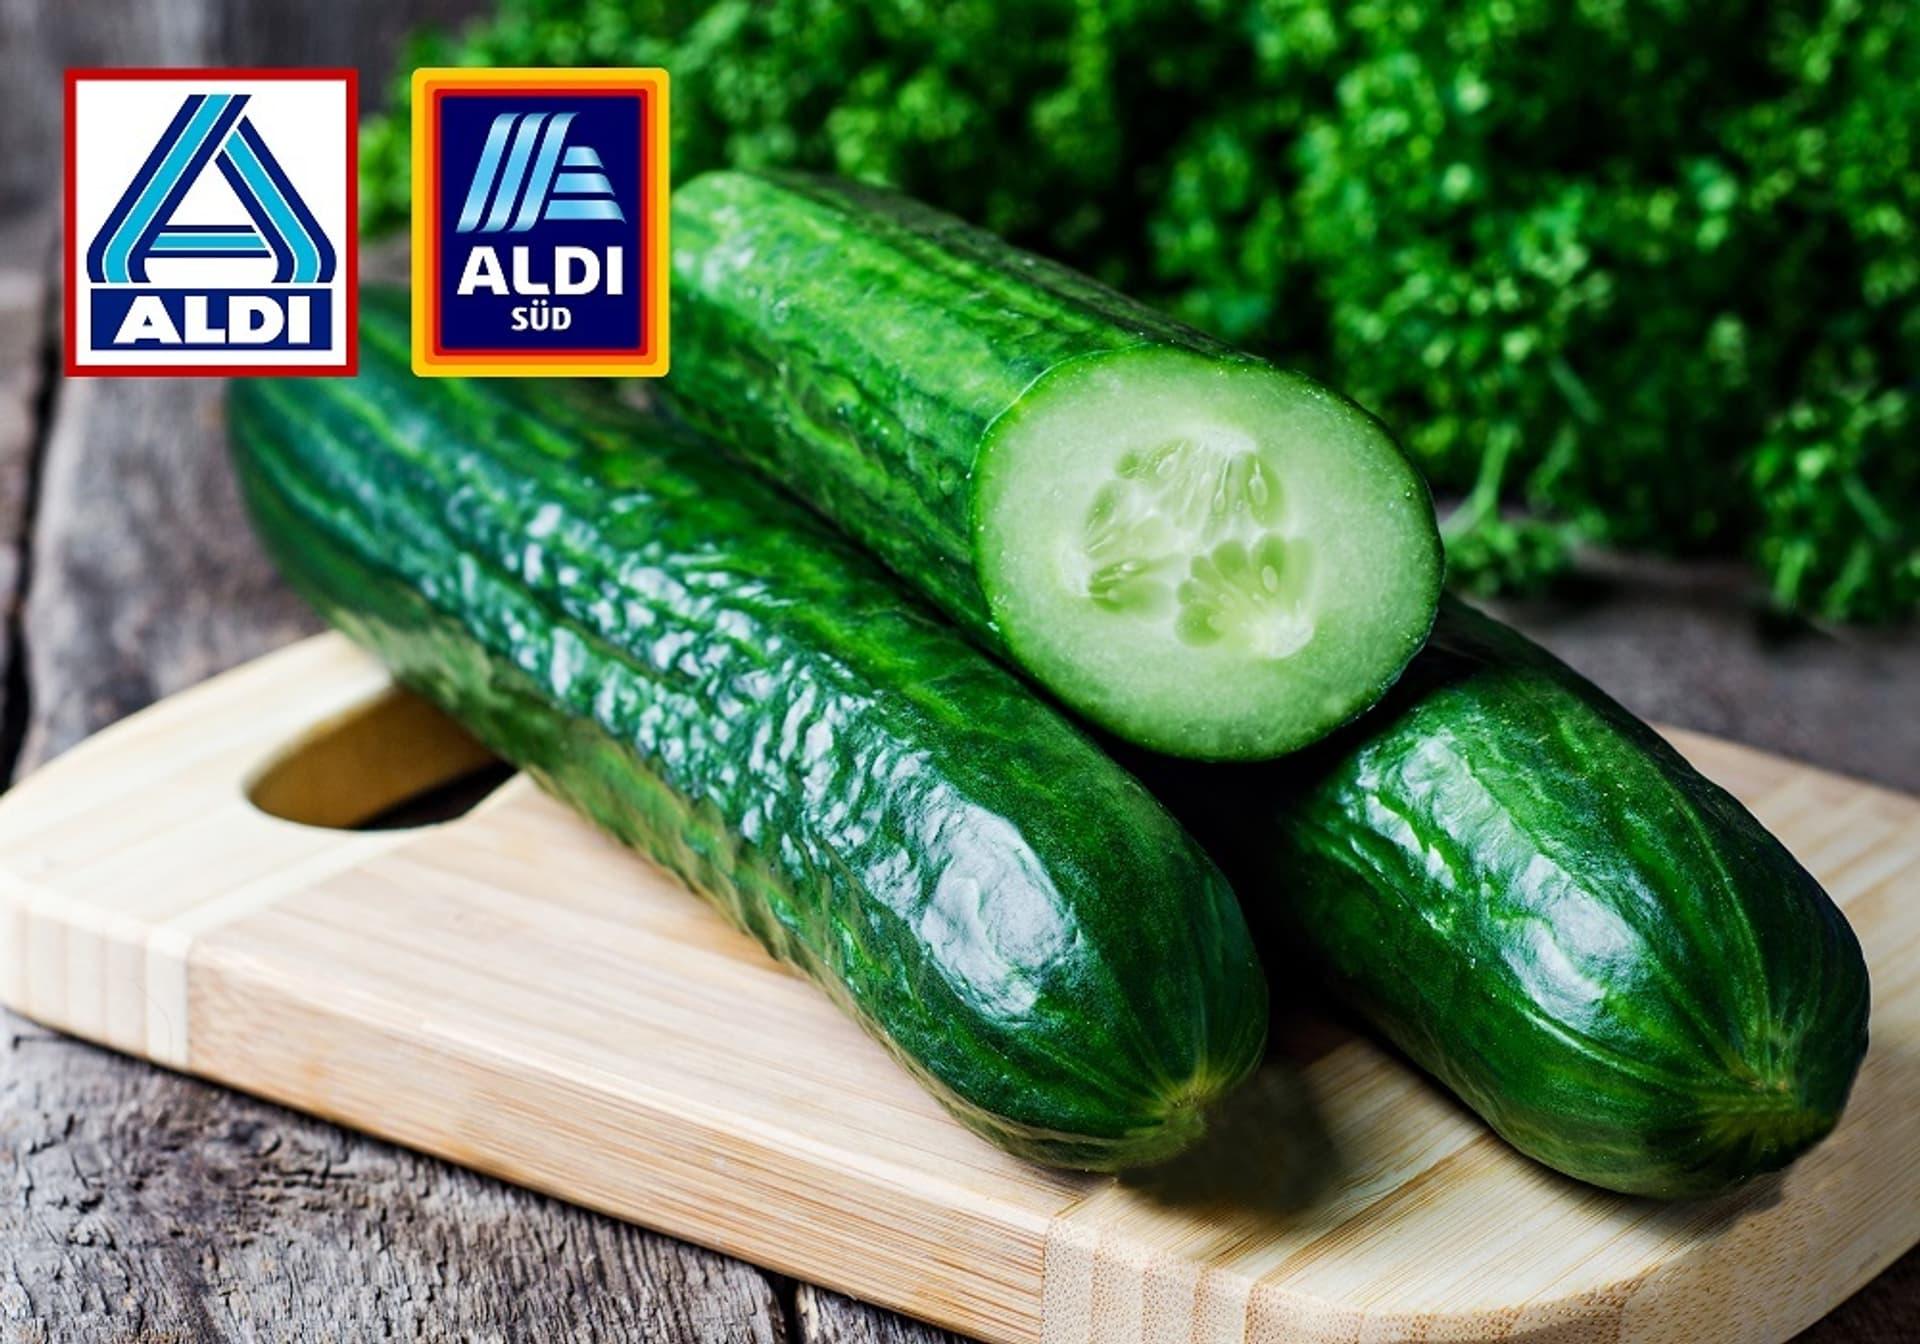 Aldi Salatgurke unverpackt c Aldi